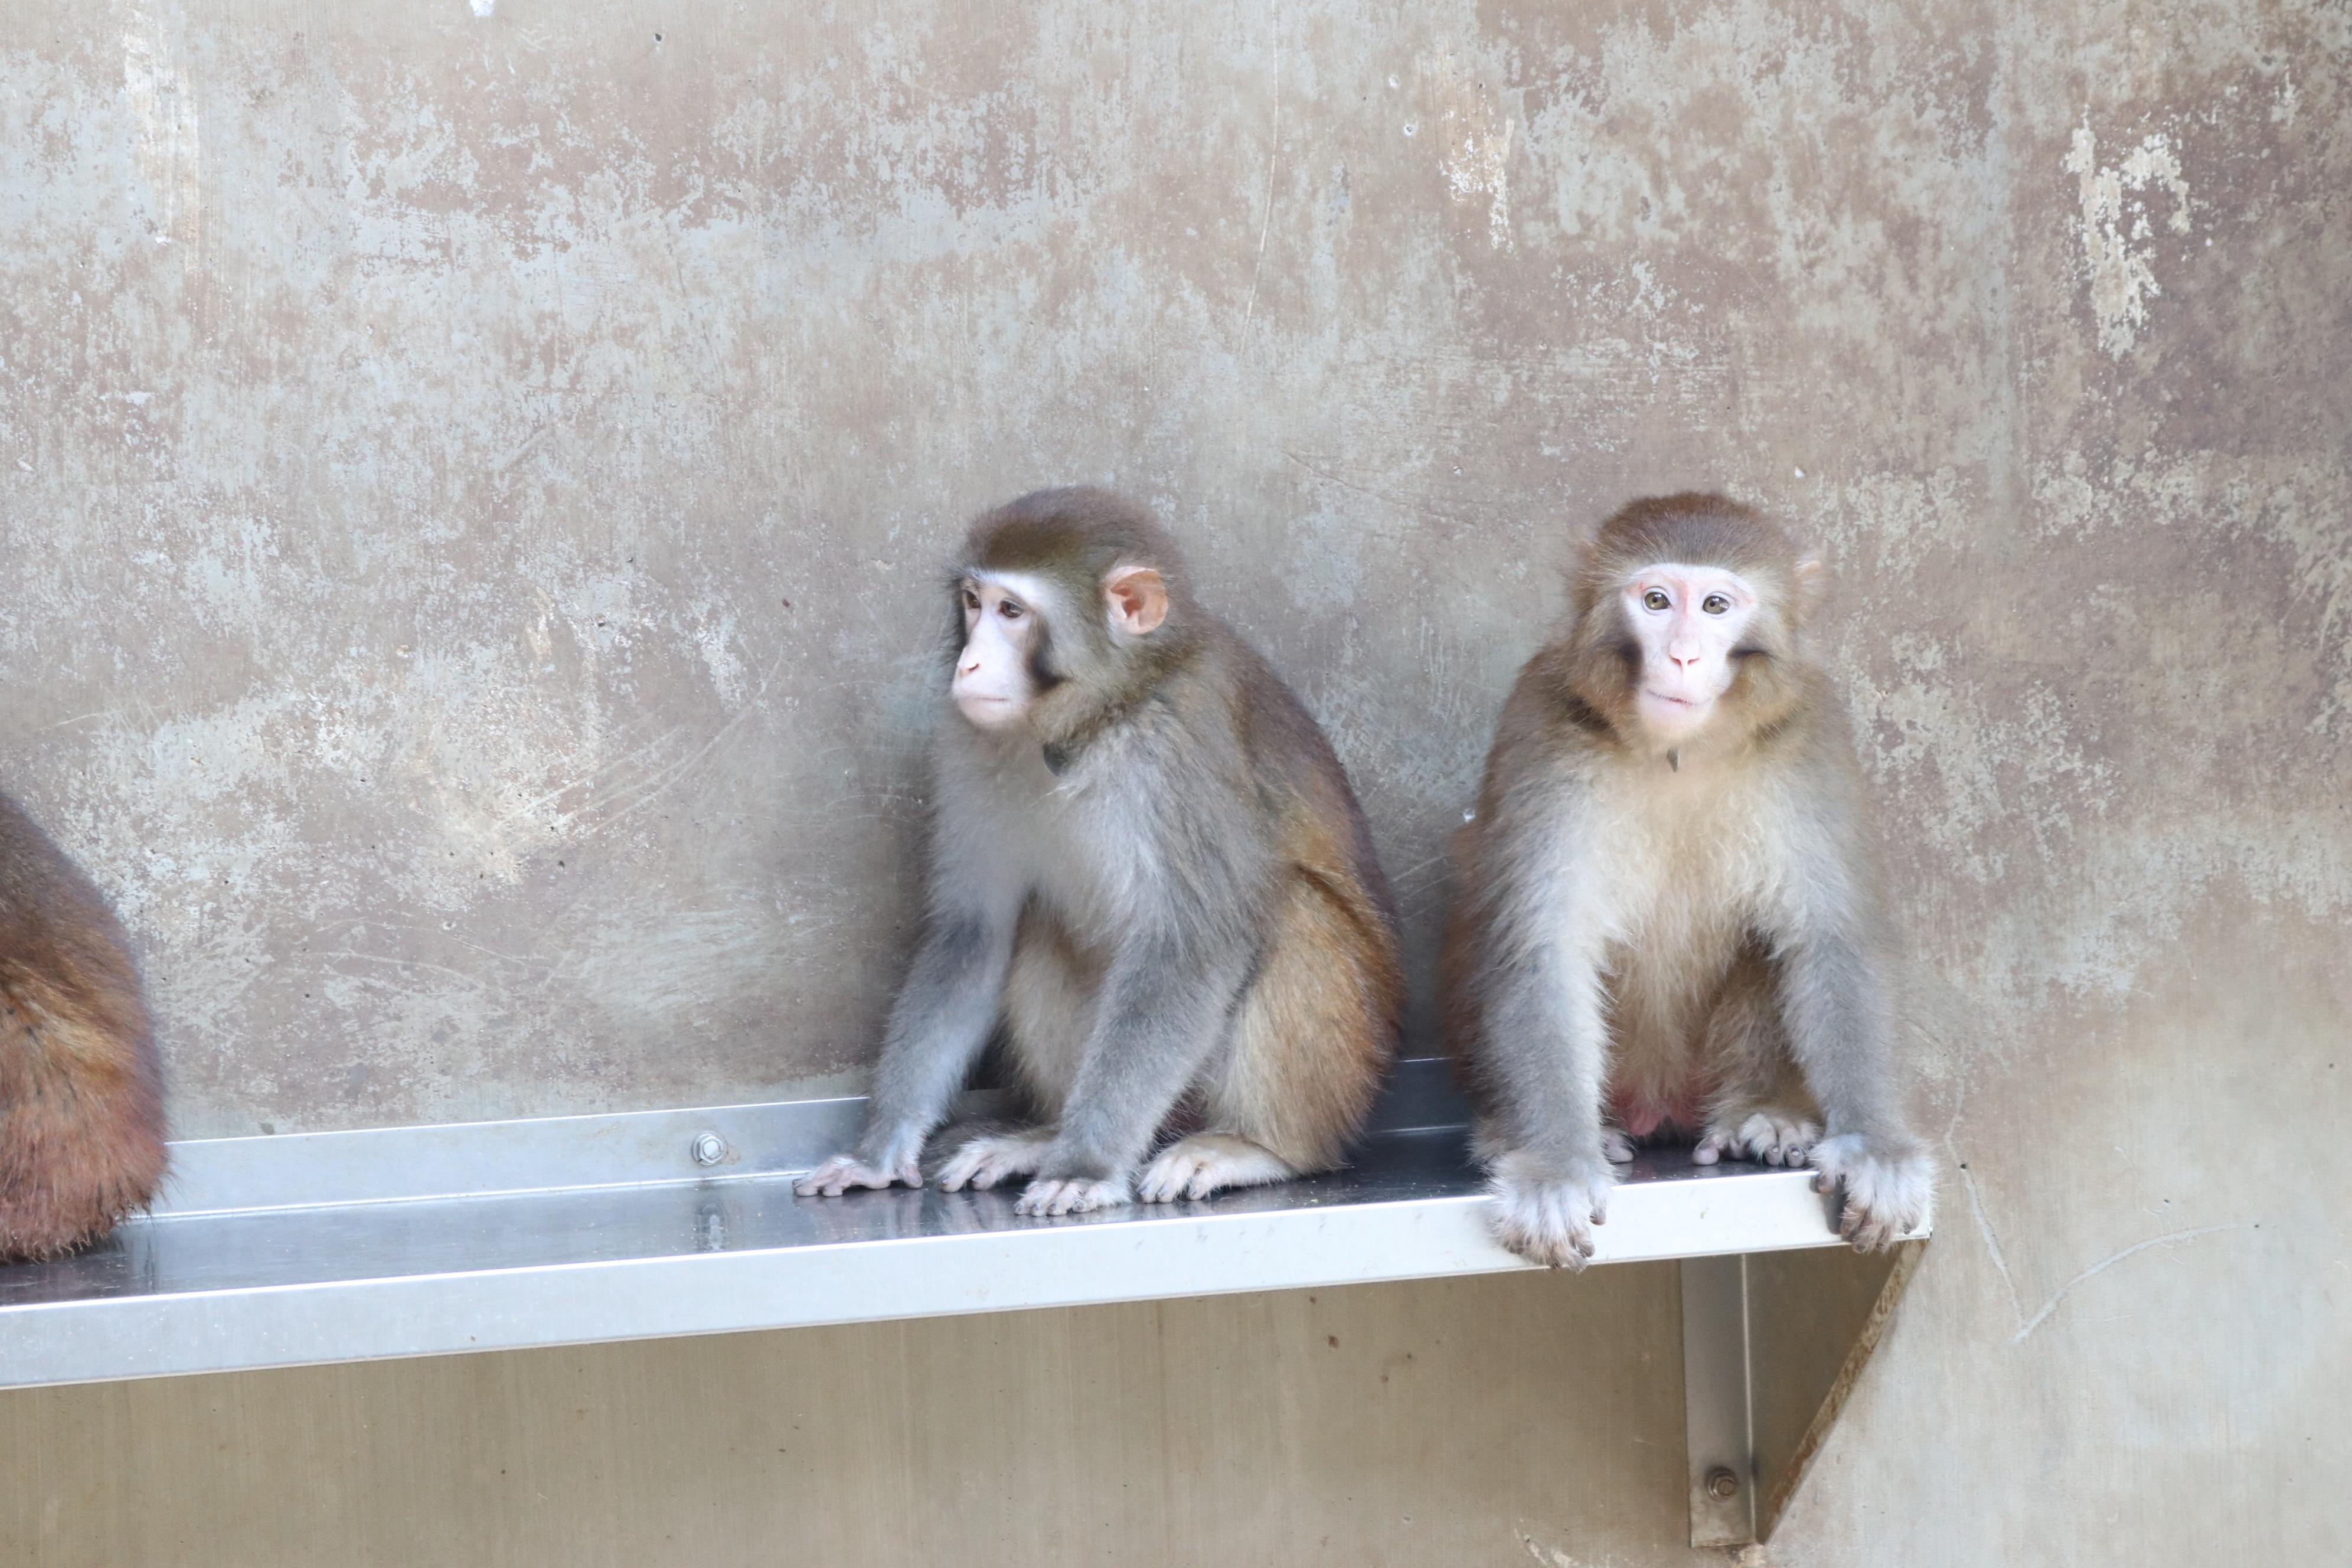 붉은털원숭이의 모습이다. 한국생명공학연구원 제공